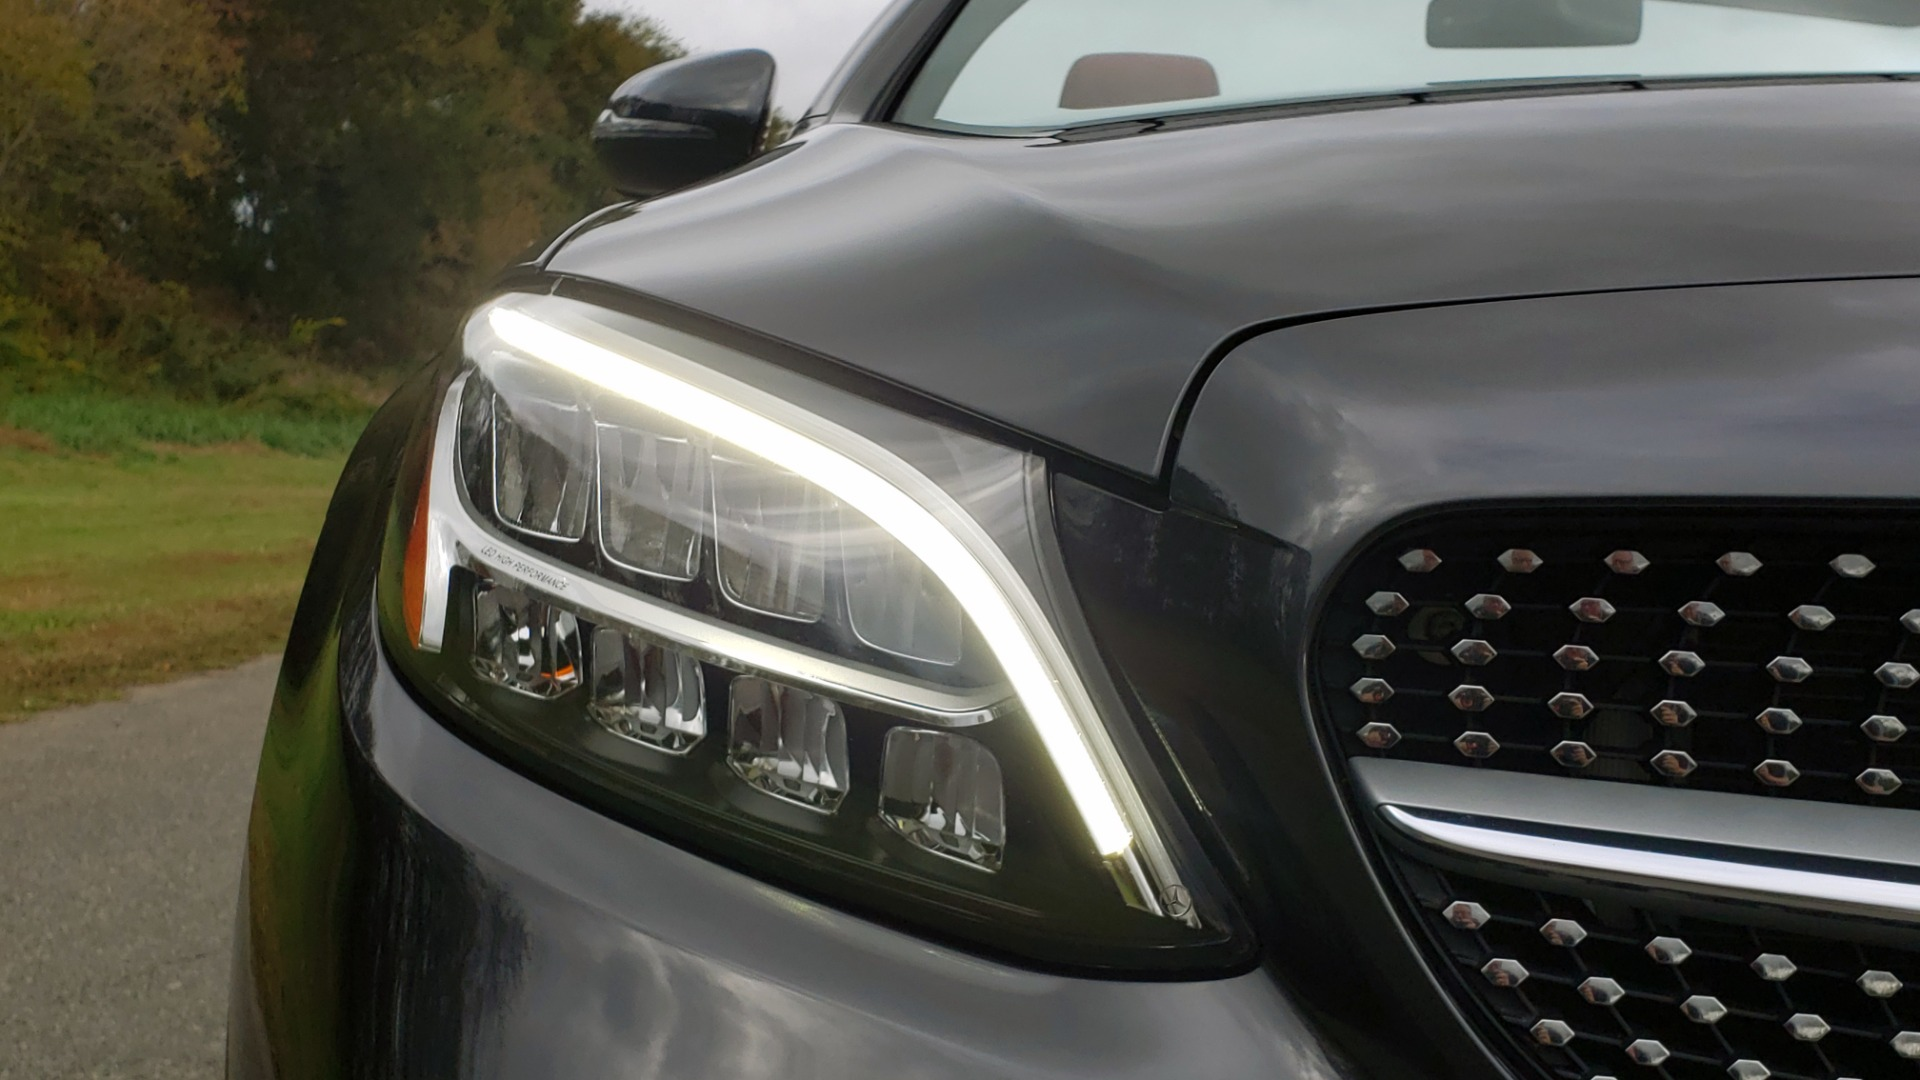 Used 2019 Mercedes-Benz C-CLASS C 300 CABRIOLET / PREM PKG / NAV / BURMESTER / MULTIMEDIA for sale $49,995 at Formula Imports in Charlotte NC 28227 16